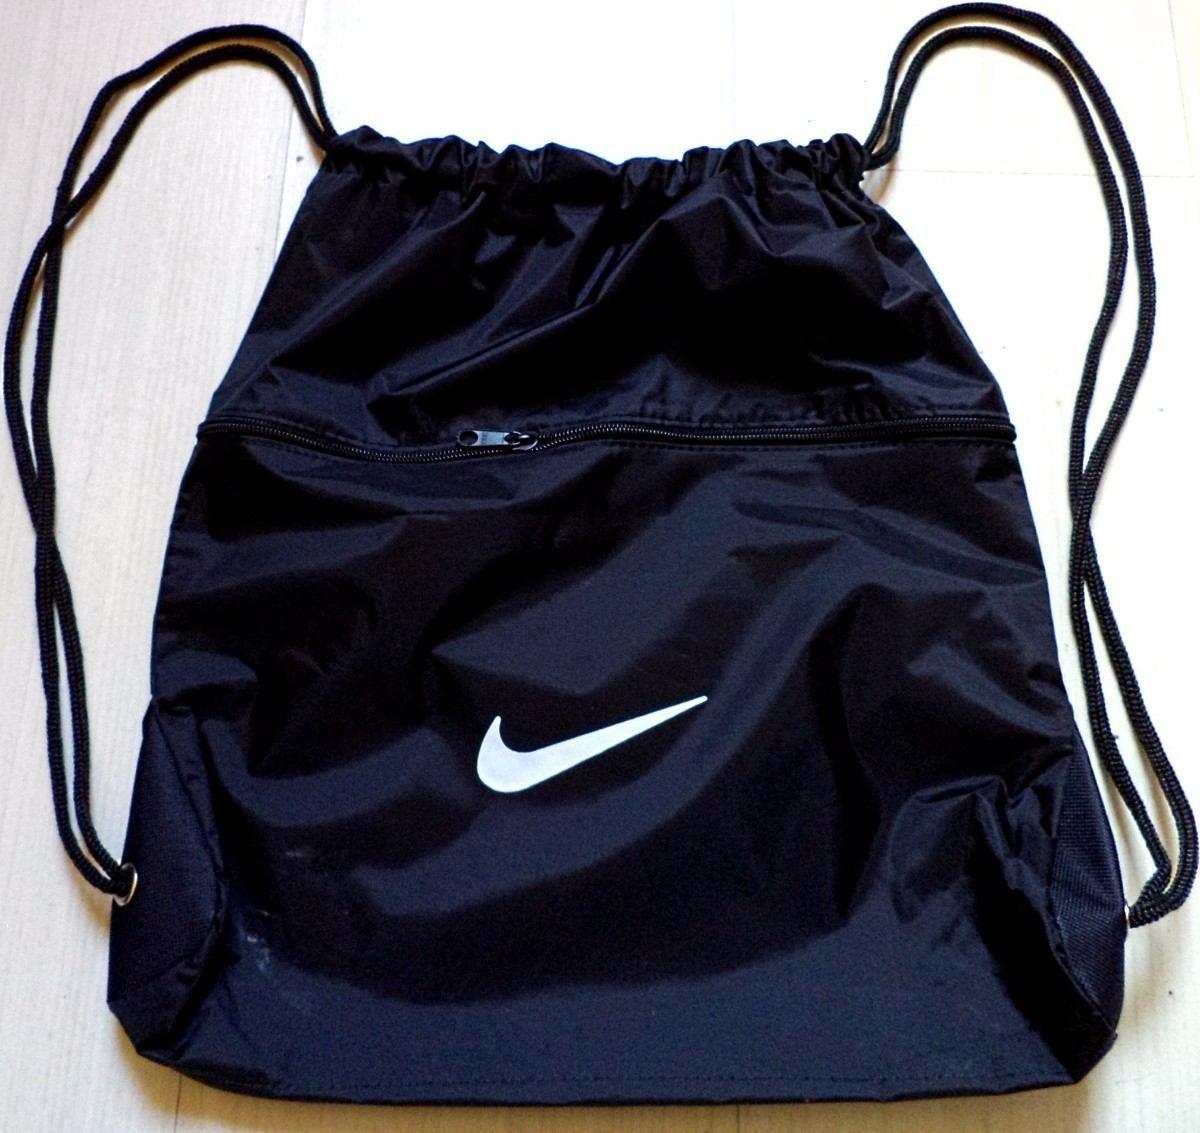 ab3b4a85e Bolsa Mochila Sacola Nike Para Chuteiras Bags - R$ 19,90 em Mercado ...